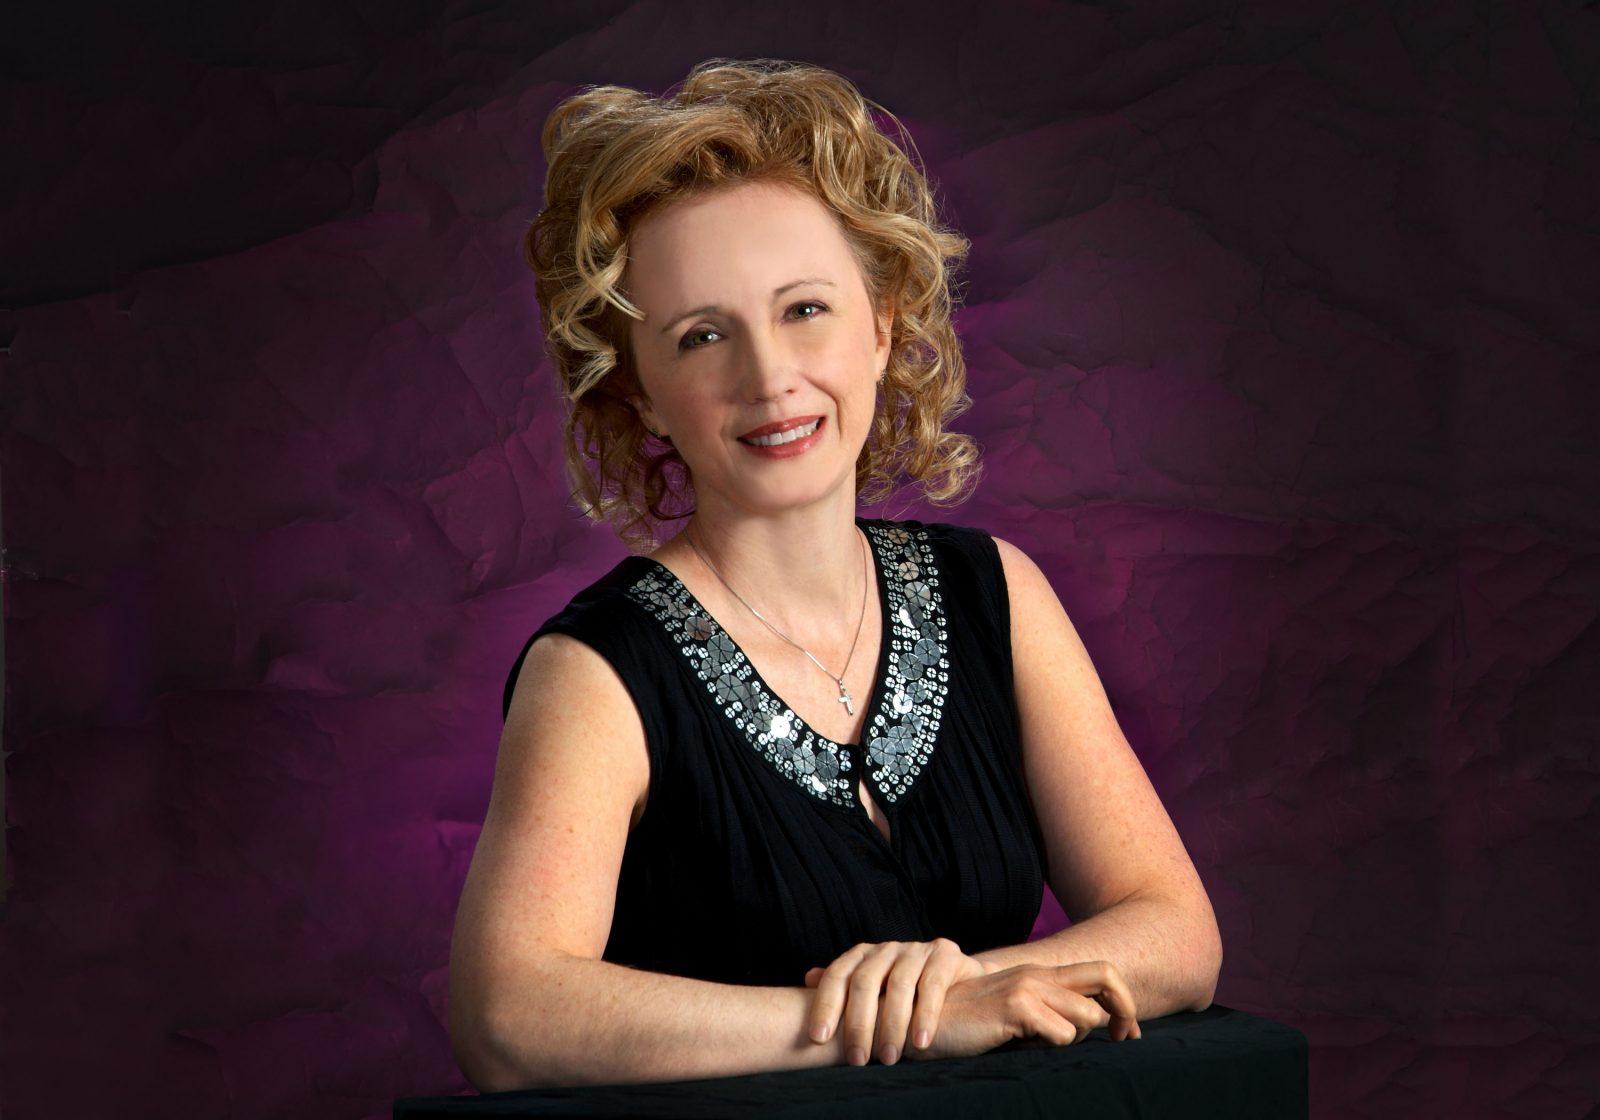 Plusieurs concerts prévus pour Anne-Marie Dubois en 2014-2015